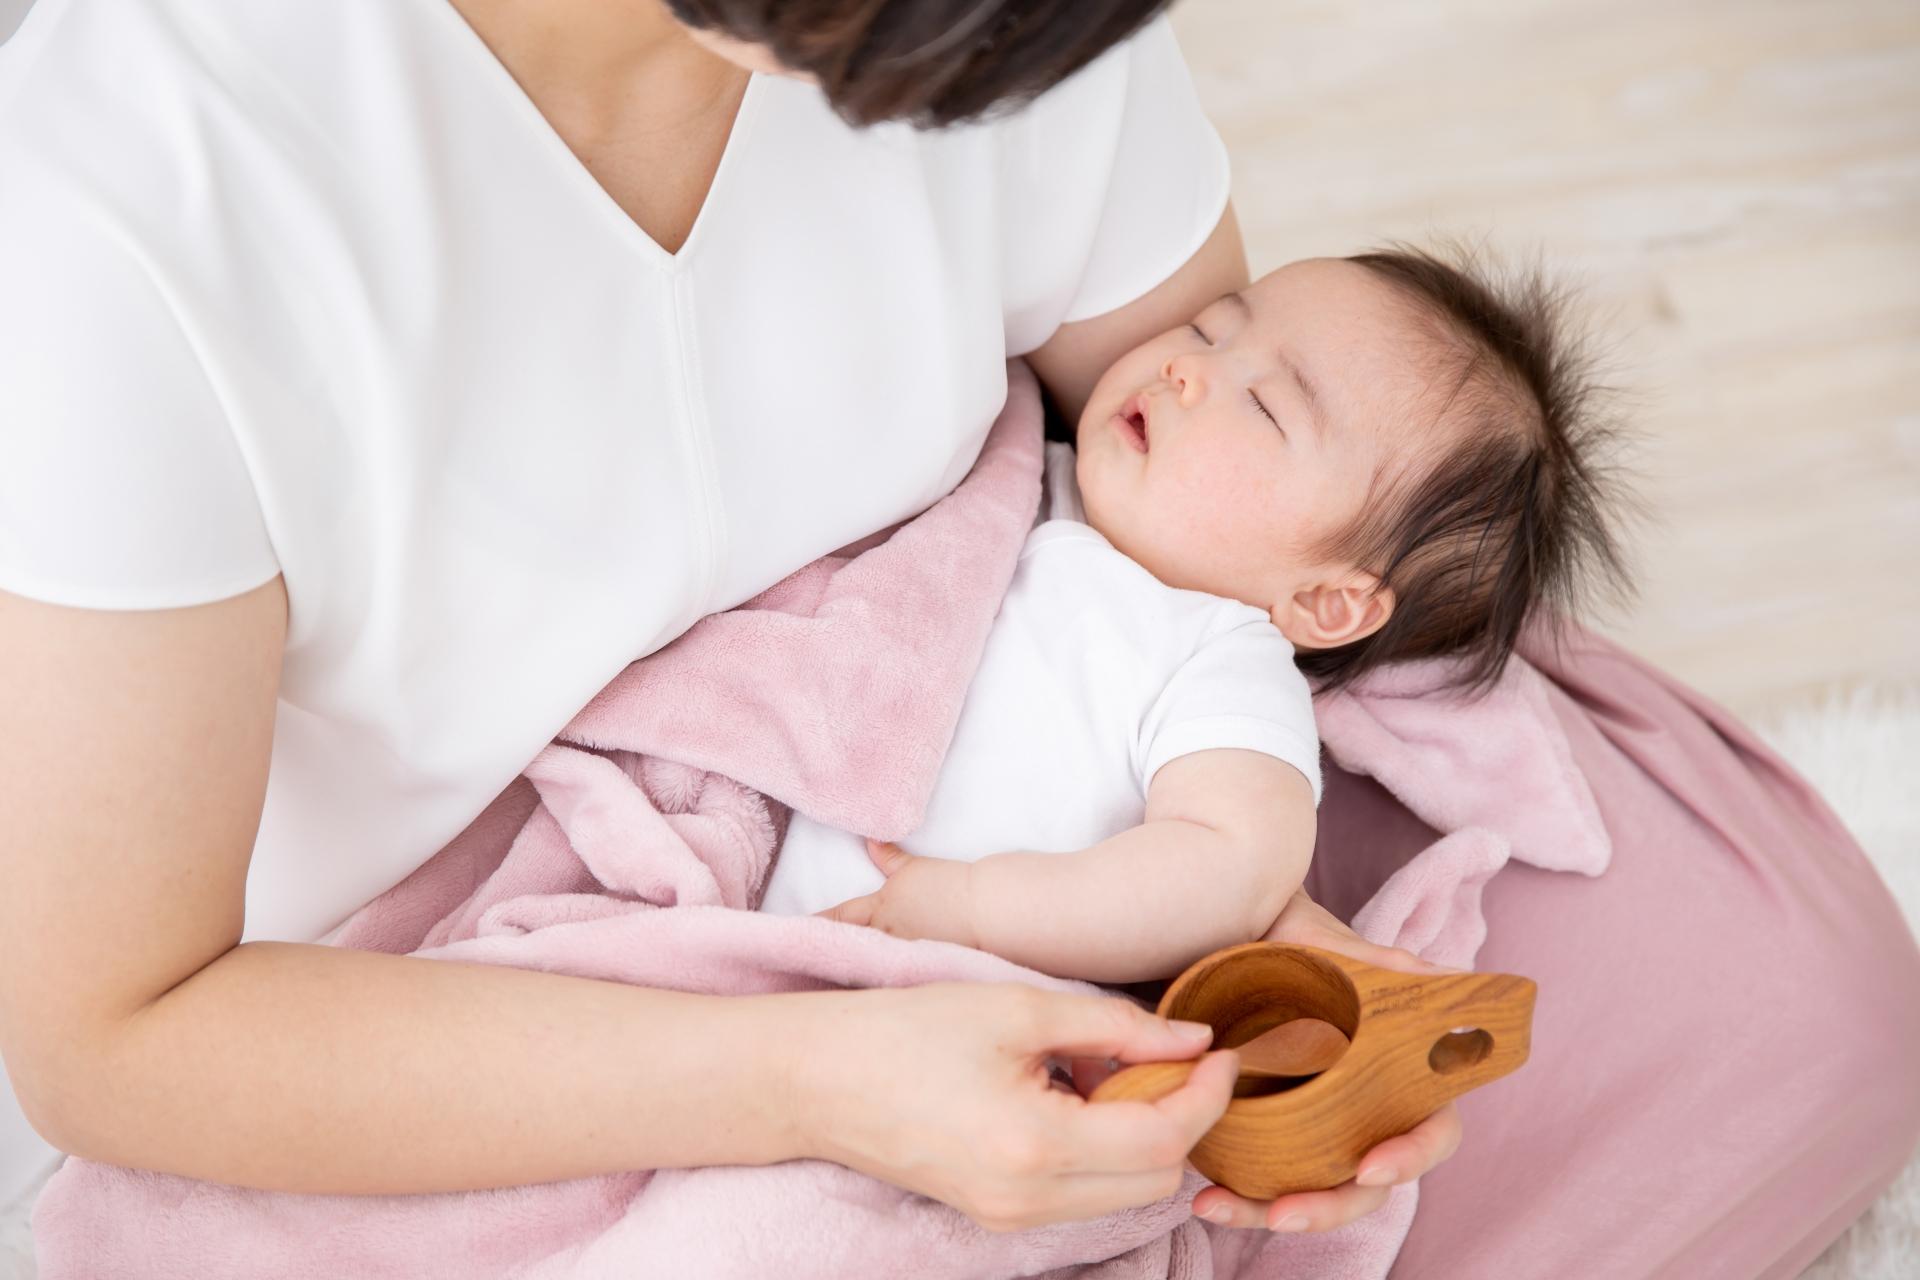 【なるほど】赤ちゃん連れの女性に「母乳?」お年寄りがする謎質問。理由が判明